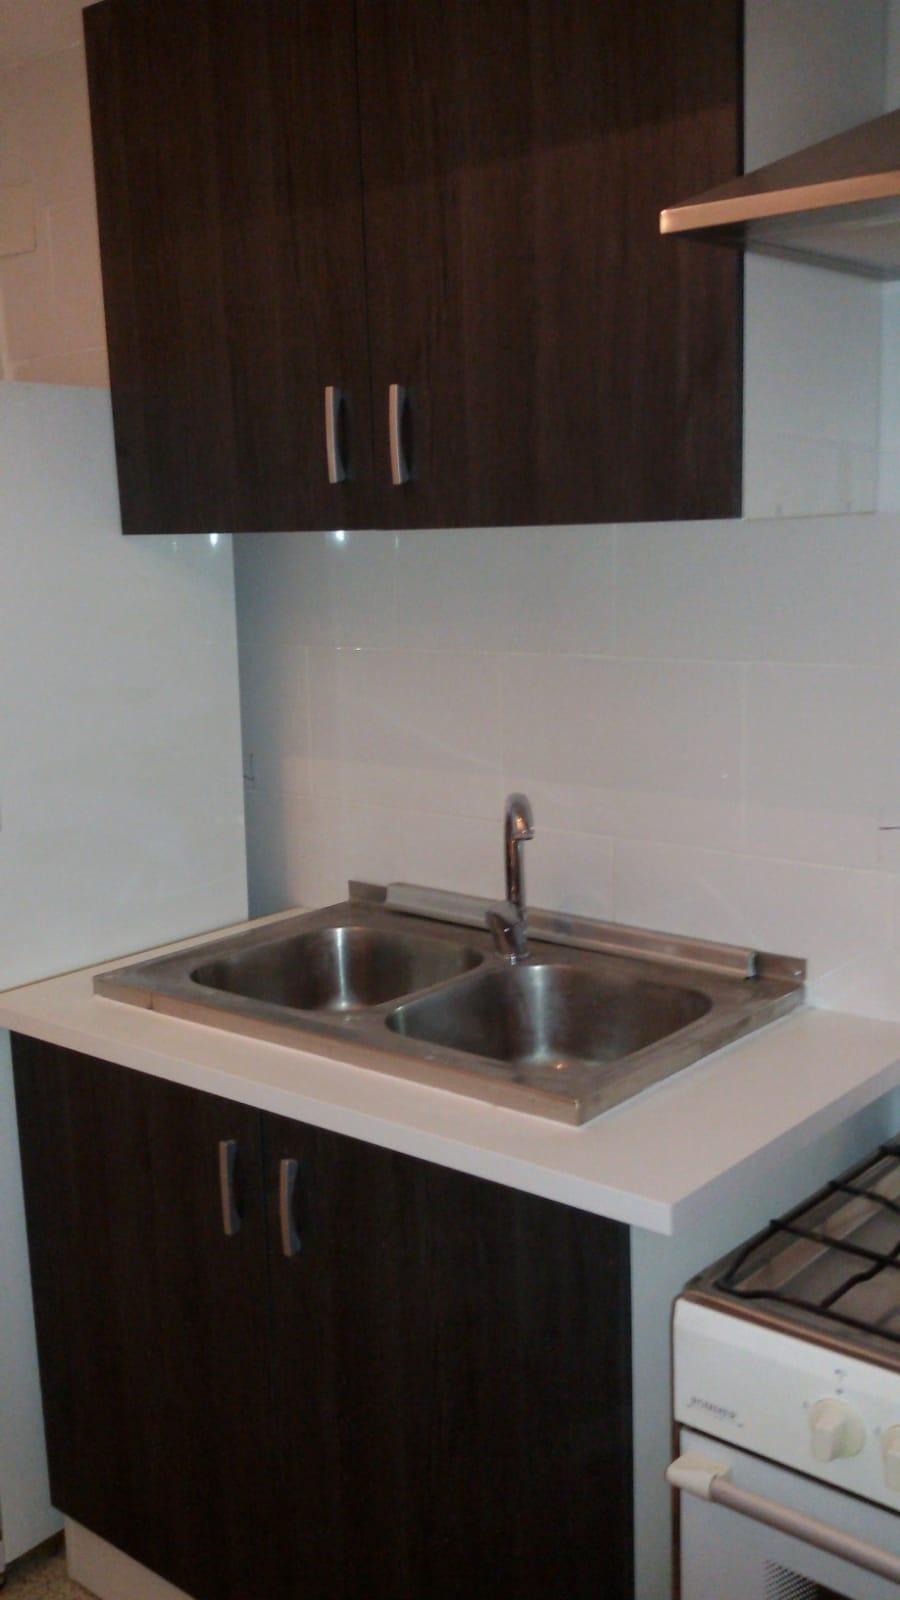 Apartamento en alquiler en La Paz (Granada), 350 €/mes (Temporada, Estudiantes)